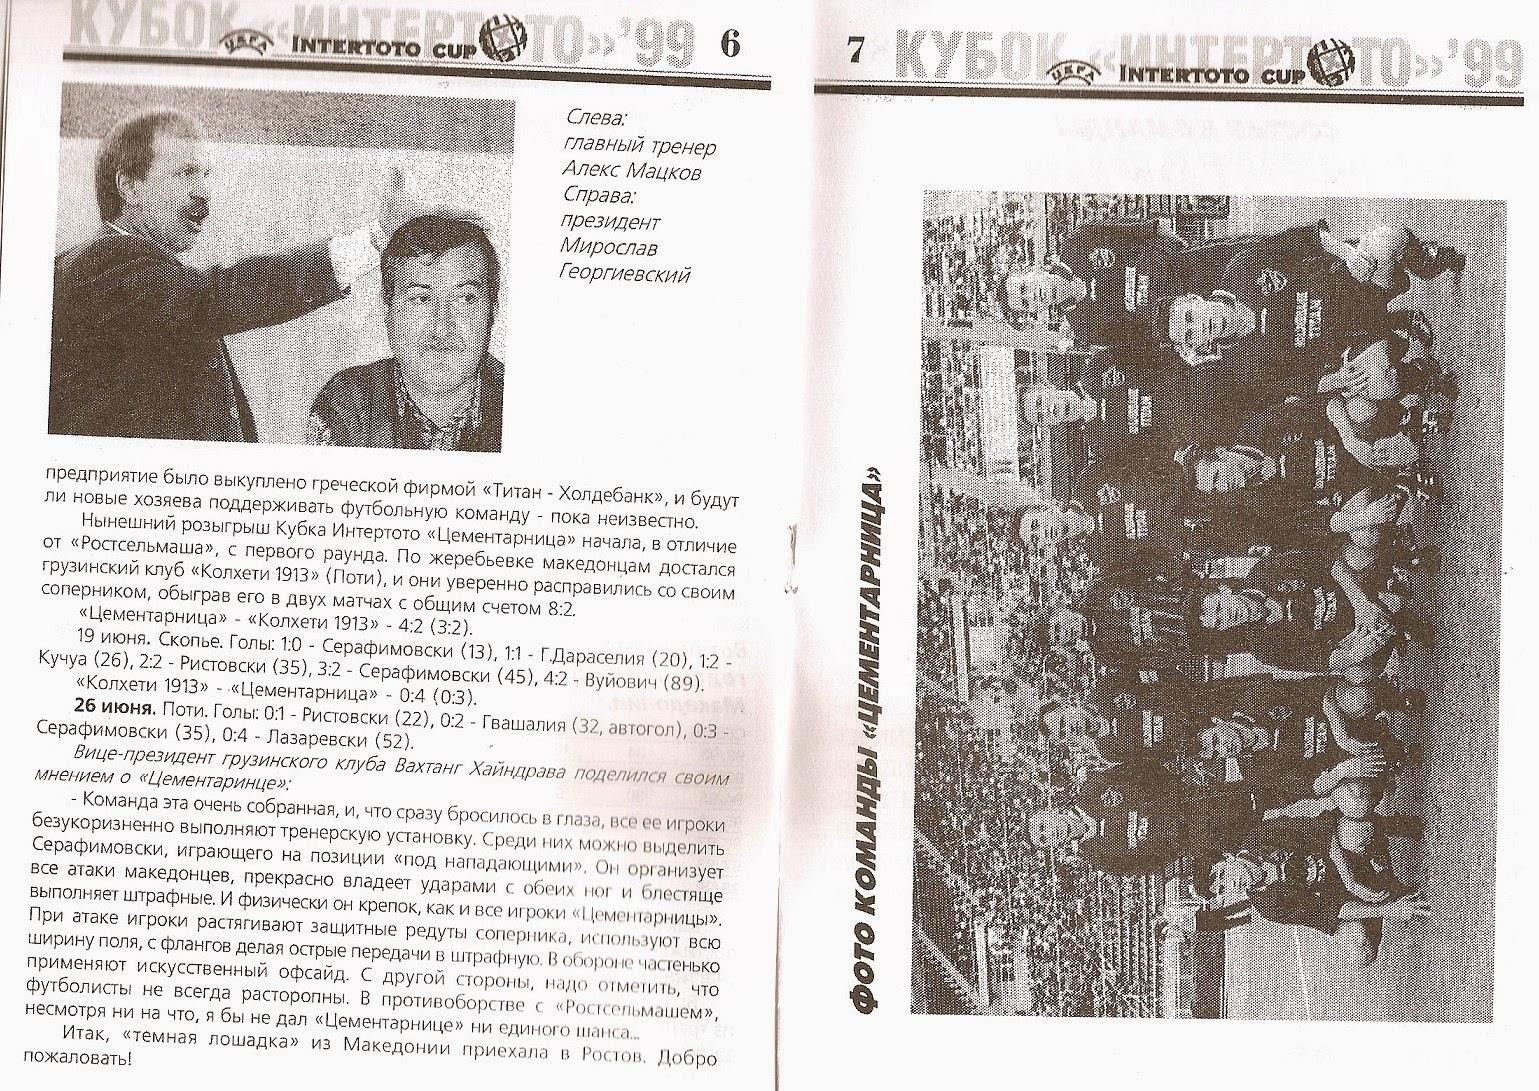 Ростсельмаш (Ростов-на-Дону) - Цементарница (Скопье, Македония) 2:1. Нажмите, чтобы посмотреть истинный размер рисунка